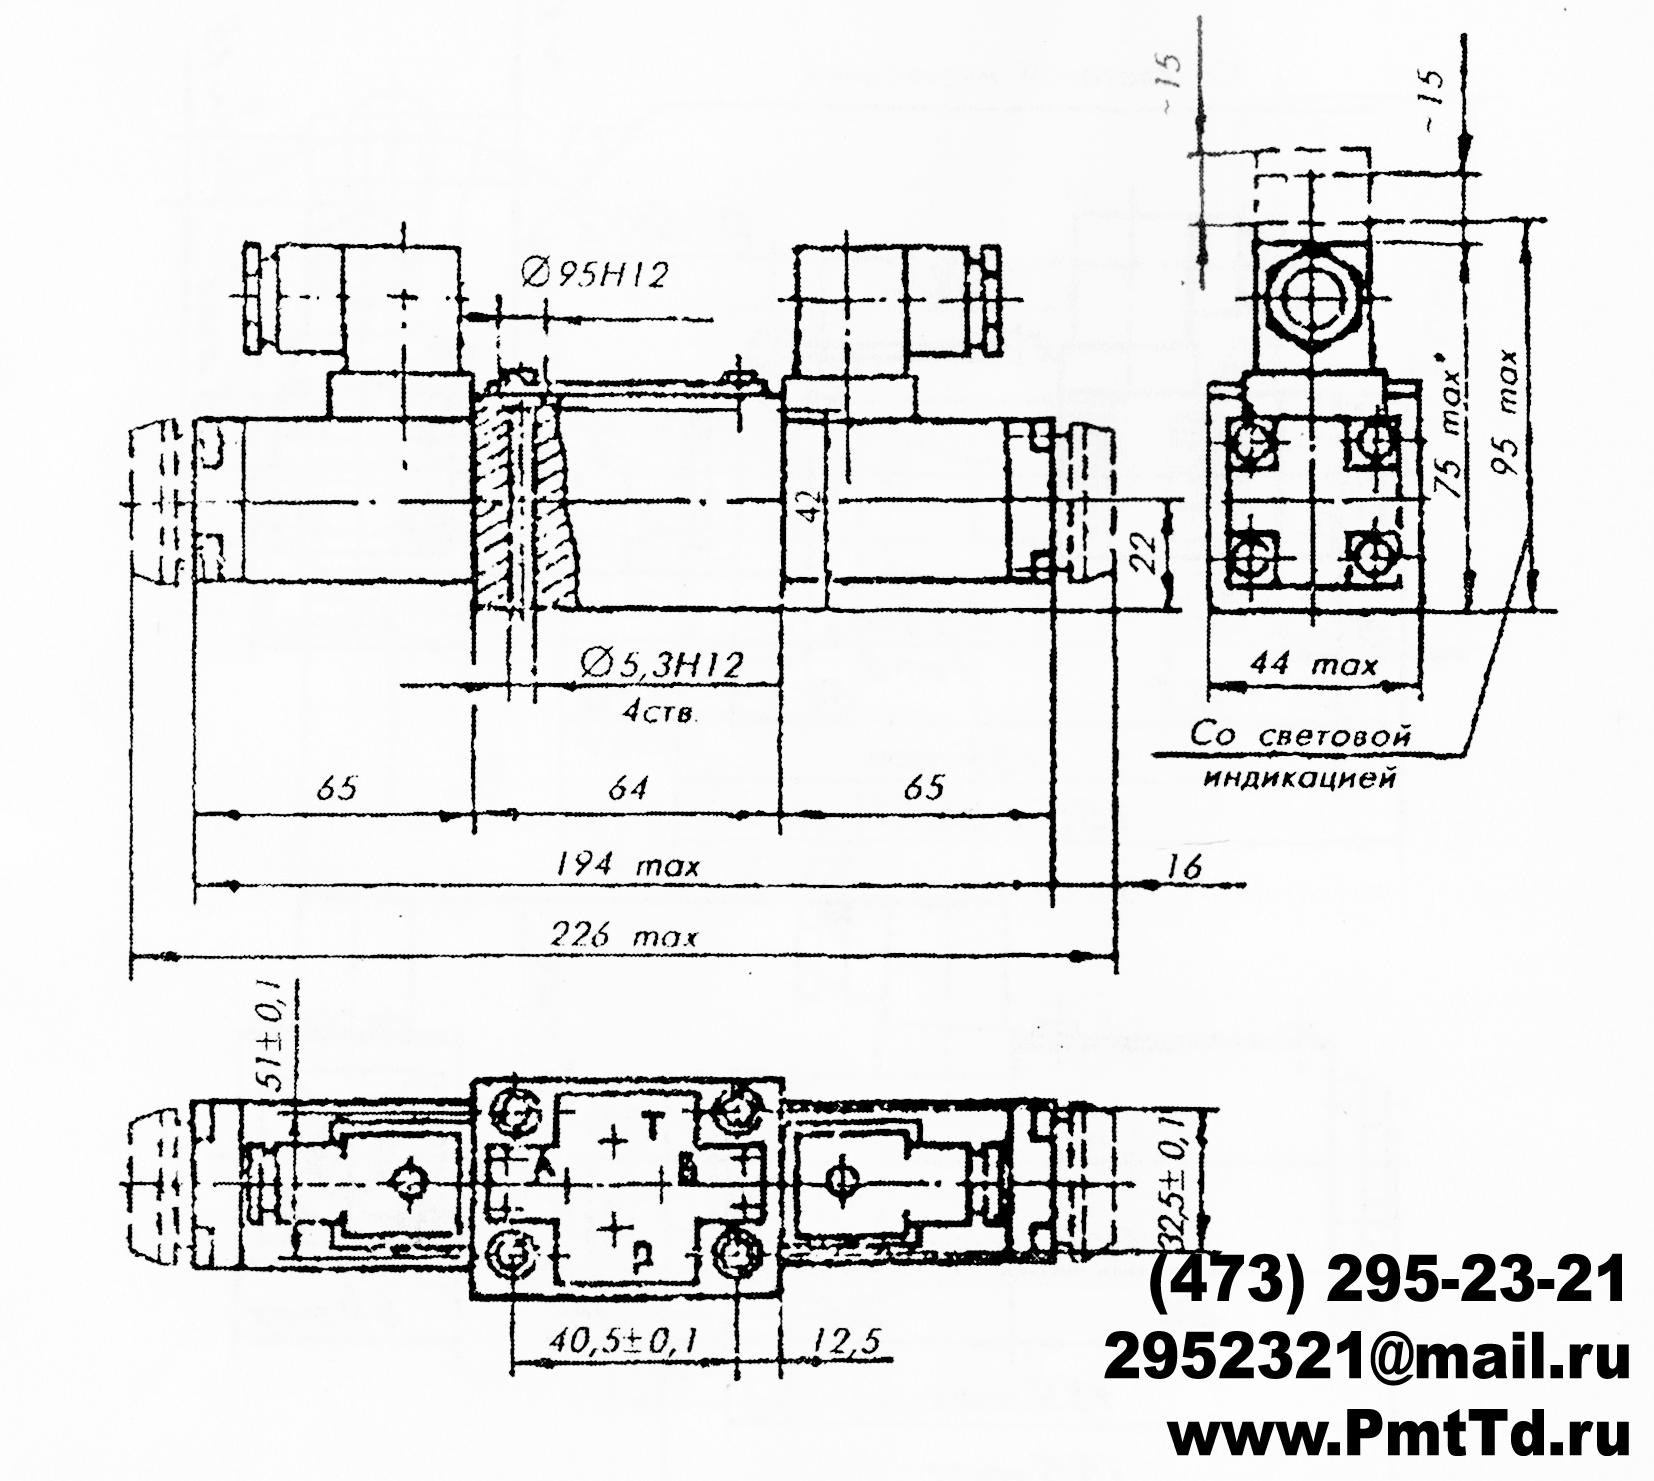 Габаритные и присоединительные размеры гидрораспределителя с электромагнитным управлением 1РЕ6